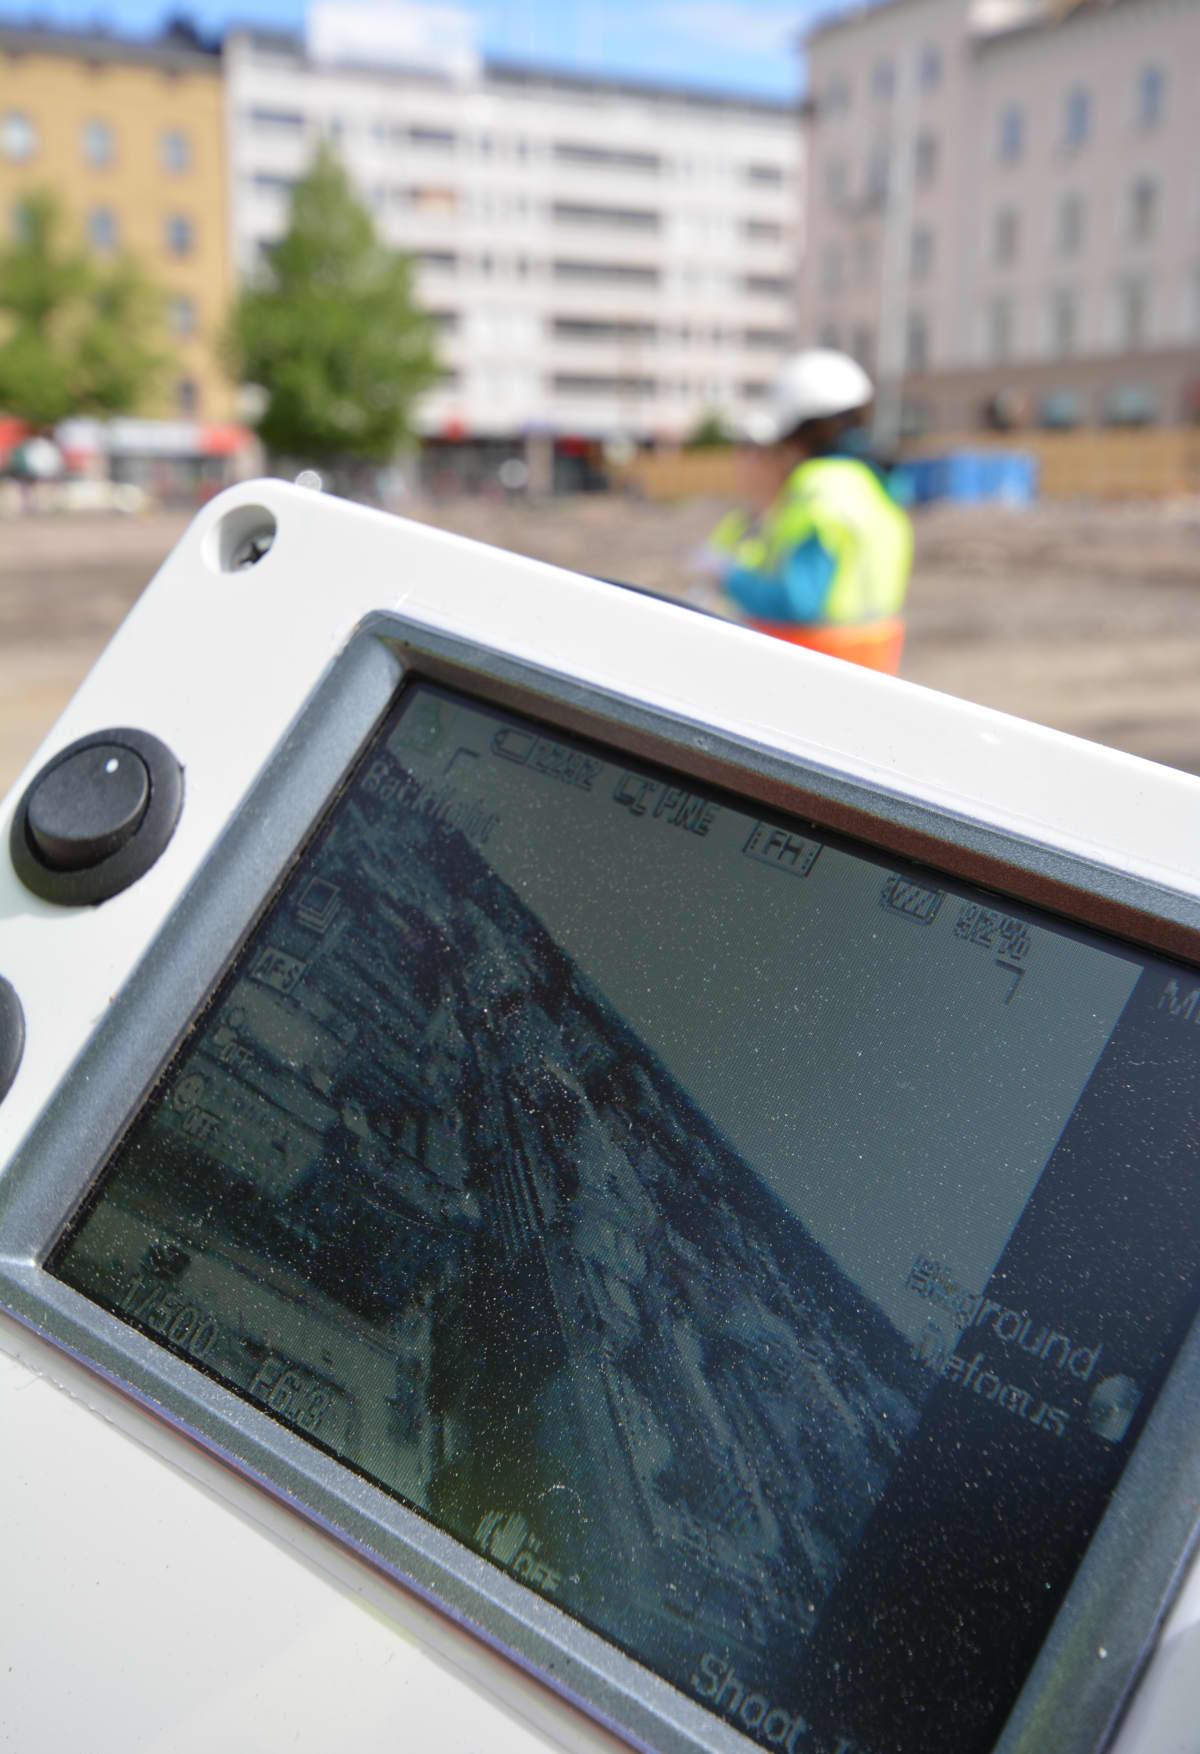 Ilmakuvaajat seuraavat monitorista kuvaa, mitä helikopteriin kiinnitetty kamera ottaa.